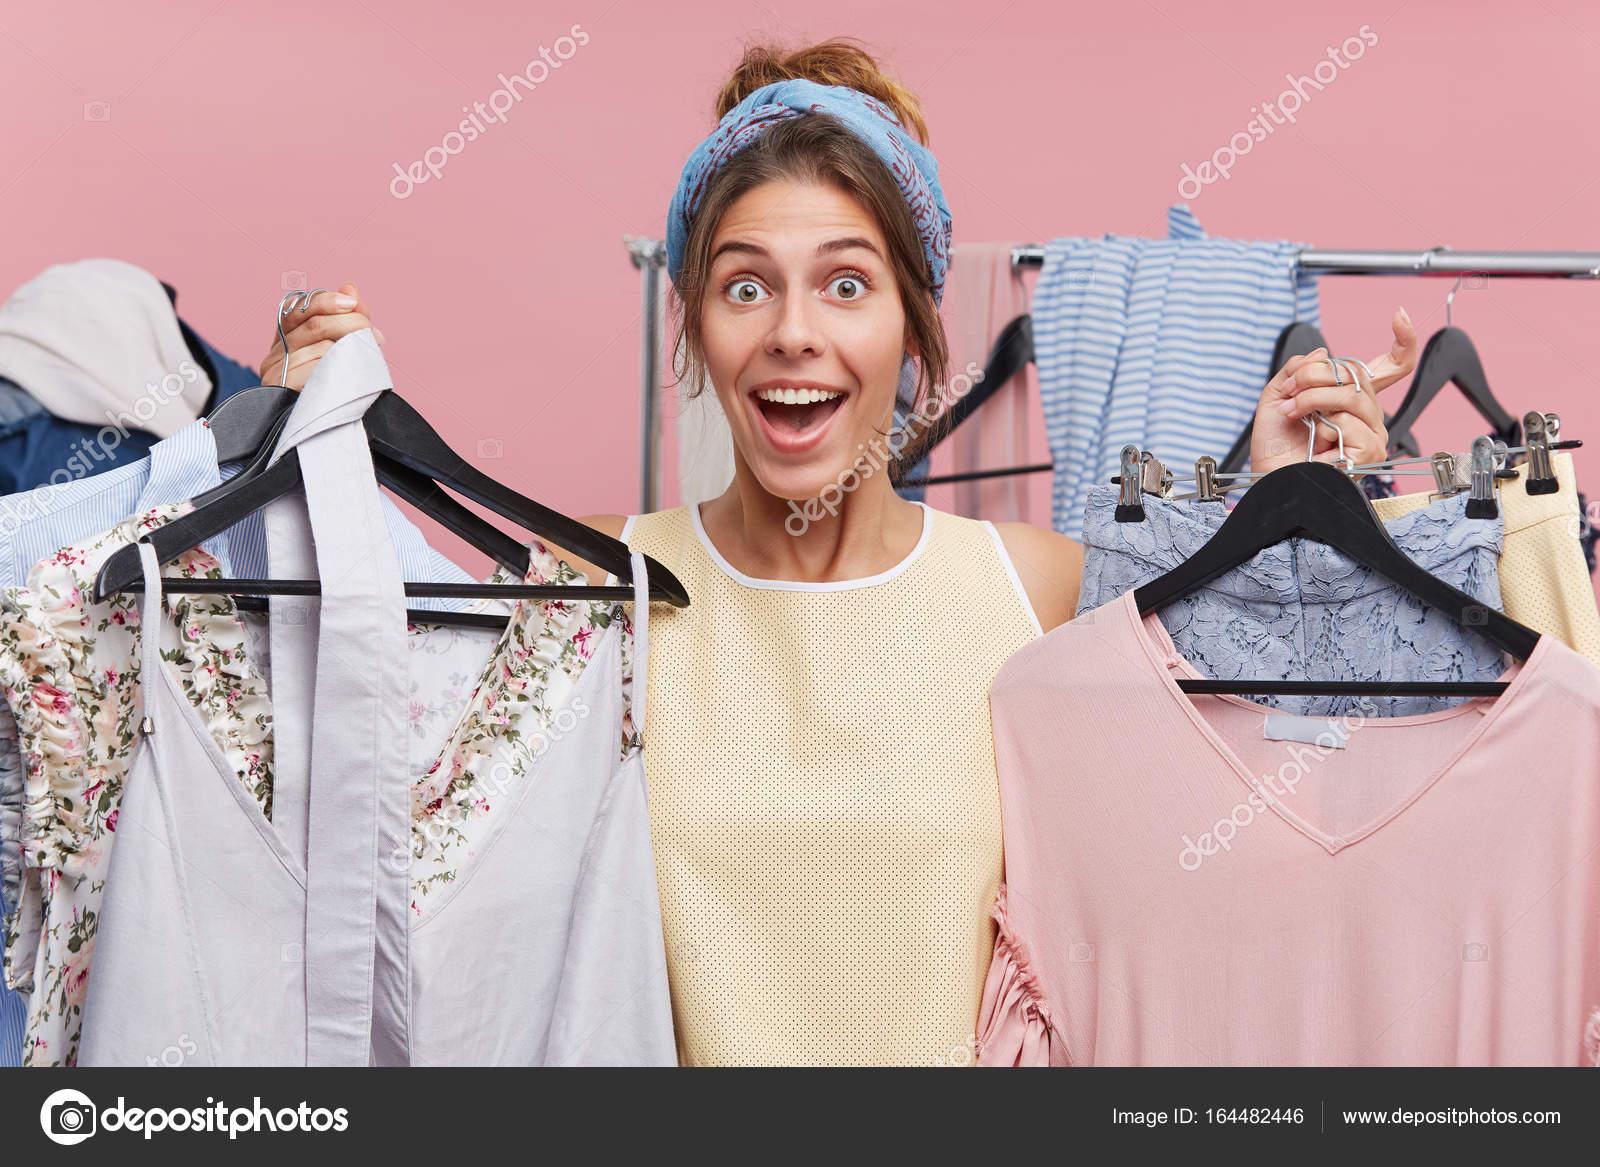 2b8e60fef8 Imágenes  personas comprando ropa